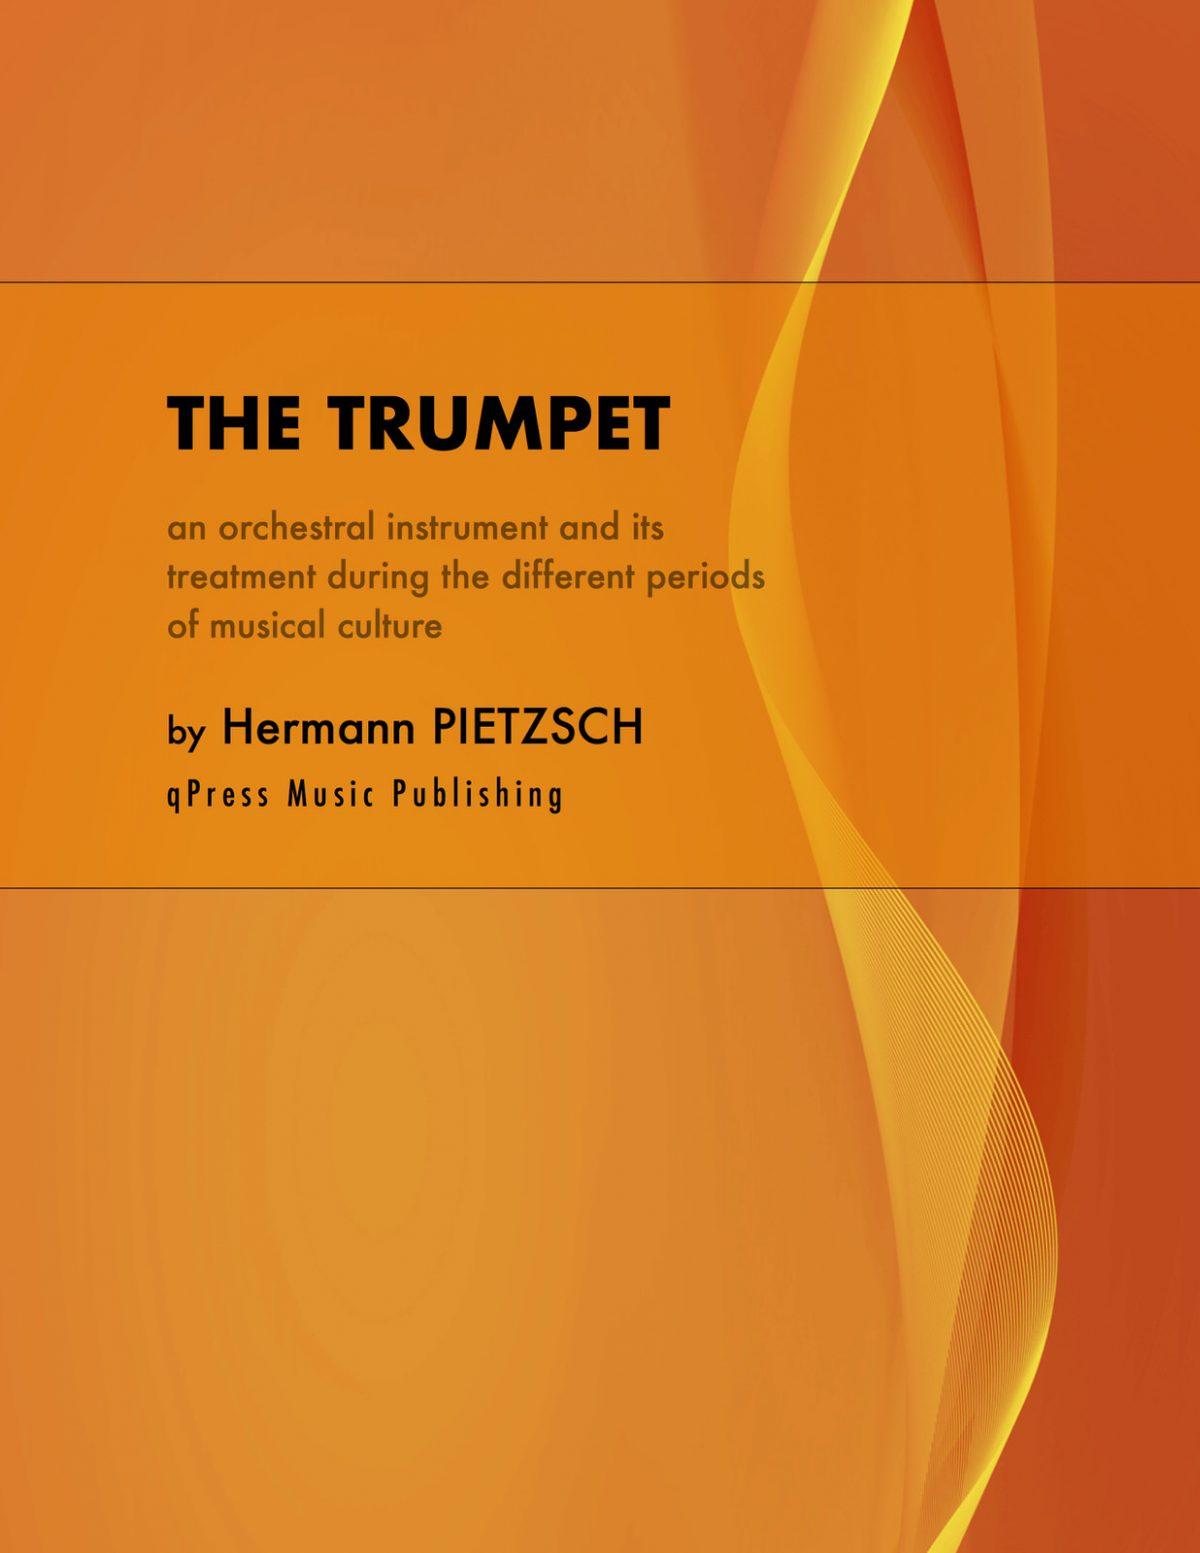 Pietzsch, The Trumpet